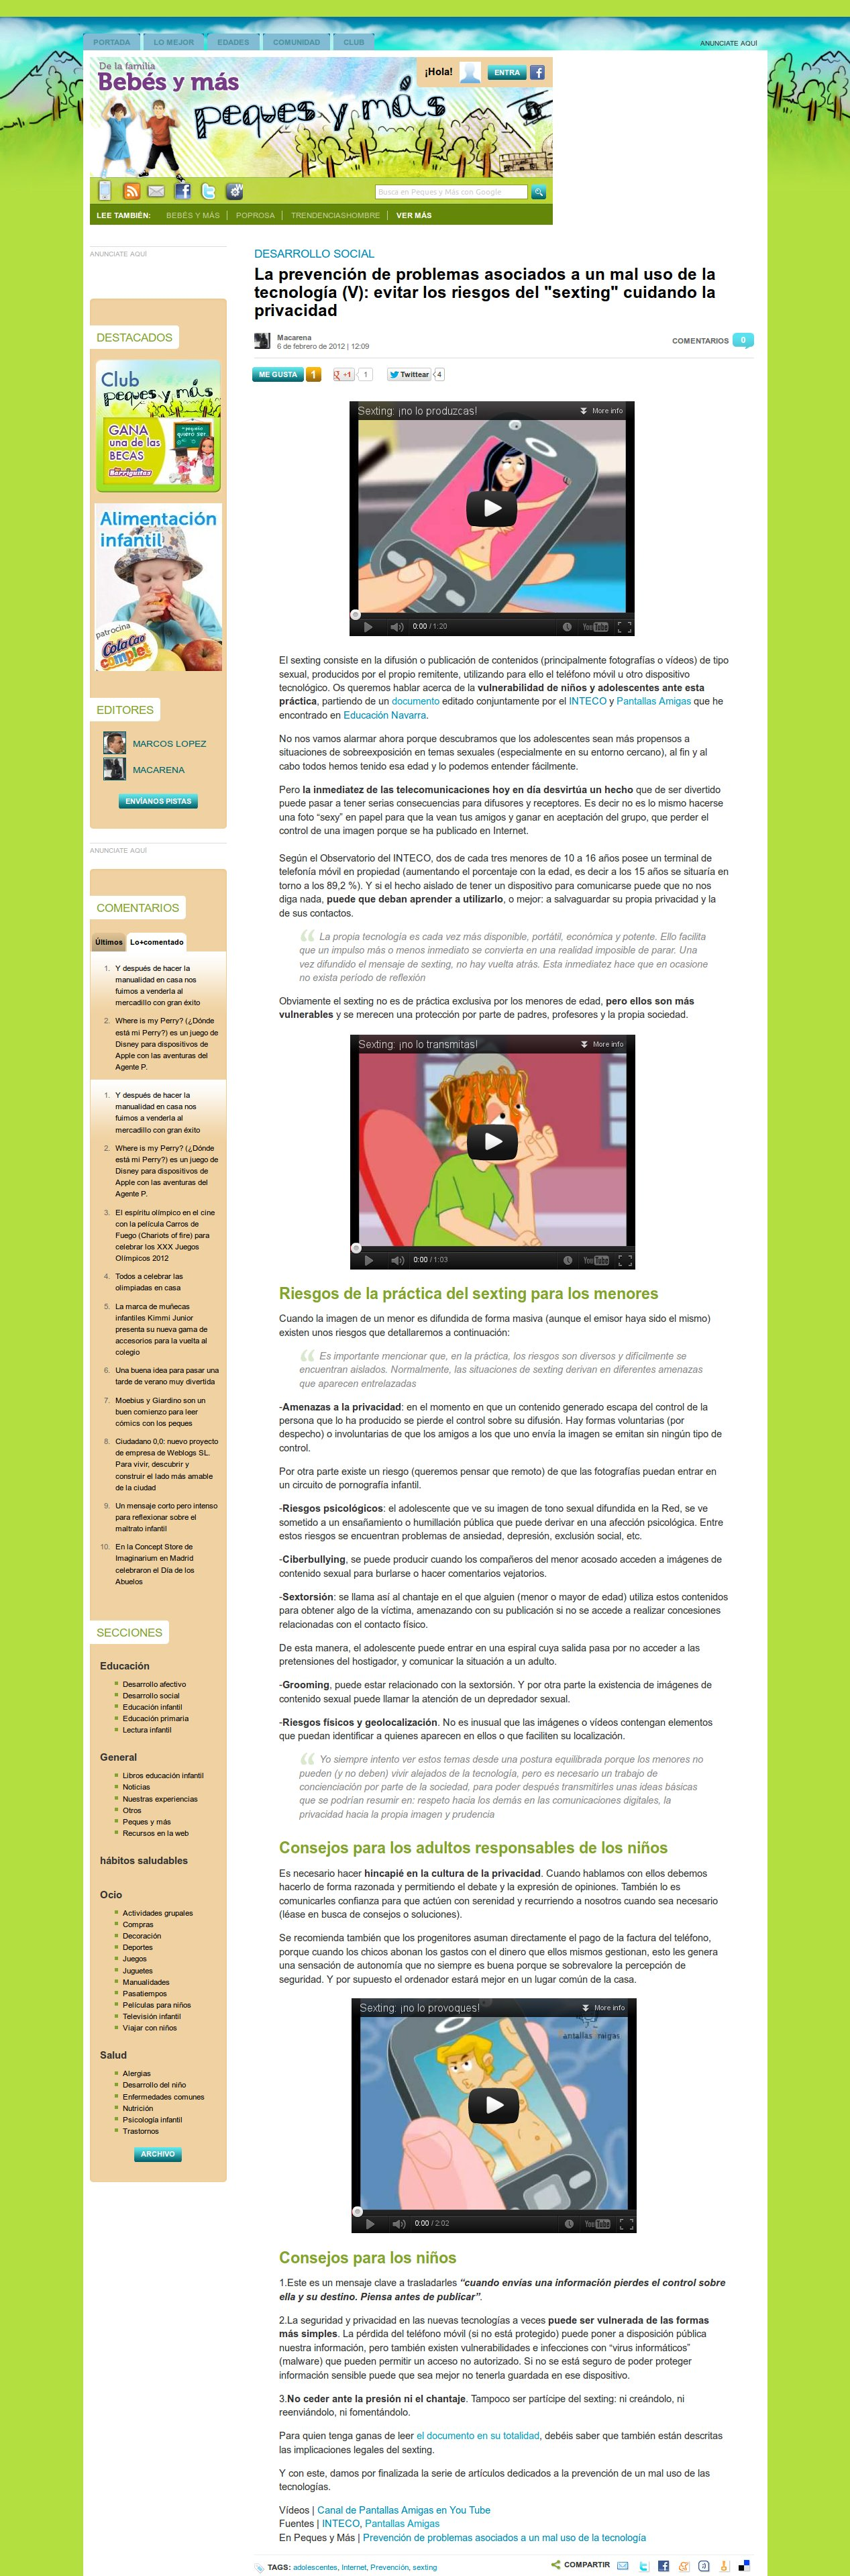 La prevención de problemas asociados a un mal uso de la tecnología (V): evitar los riesgos del sexting cuidando la privacidad